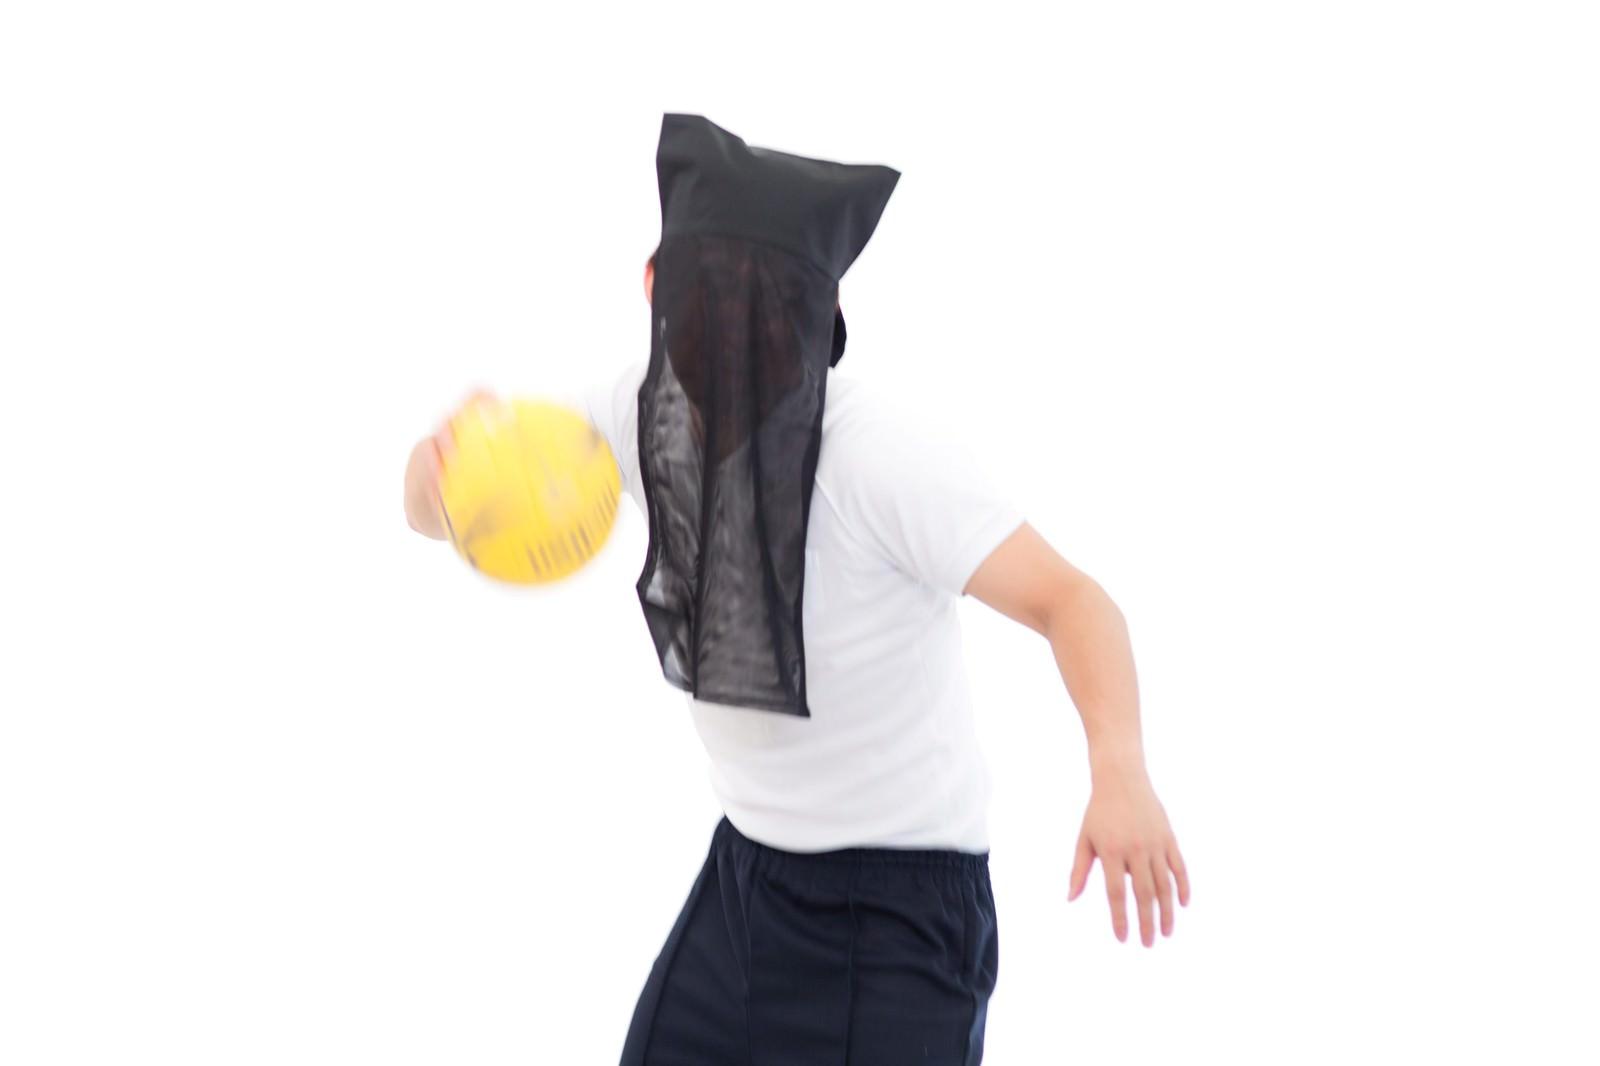 「ゴールが見えないハンドボール部エースゴールが見えないハンドボール部エース」[モデル:鈴木秀]のフリー写真素材を拡大